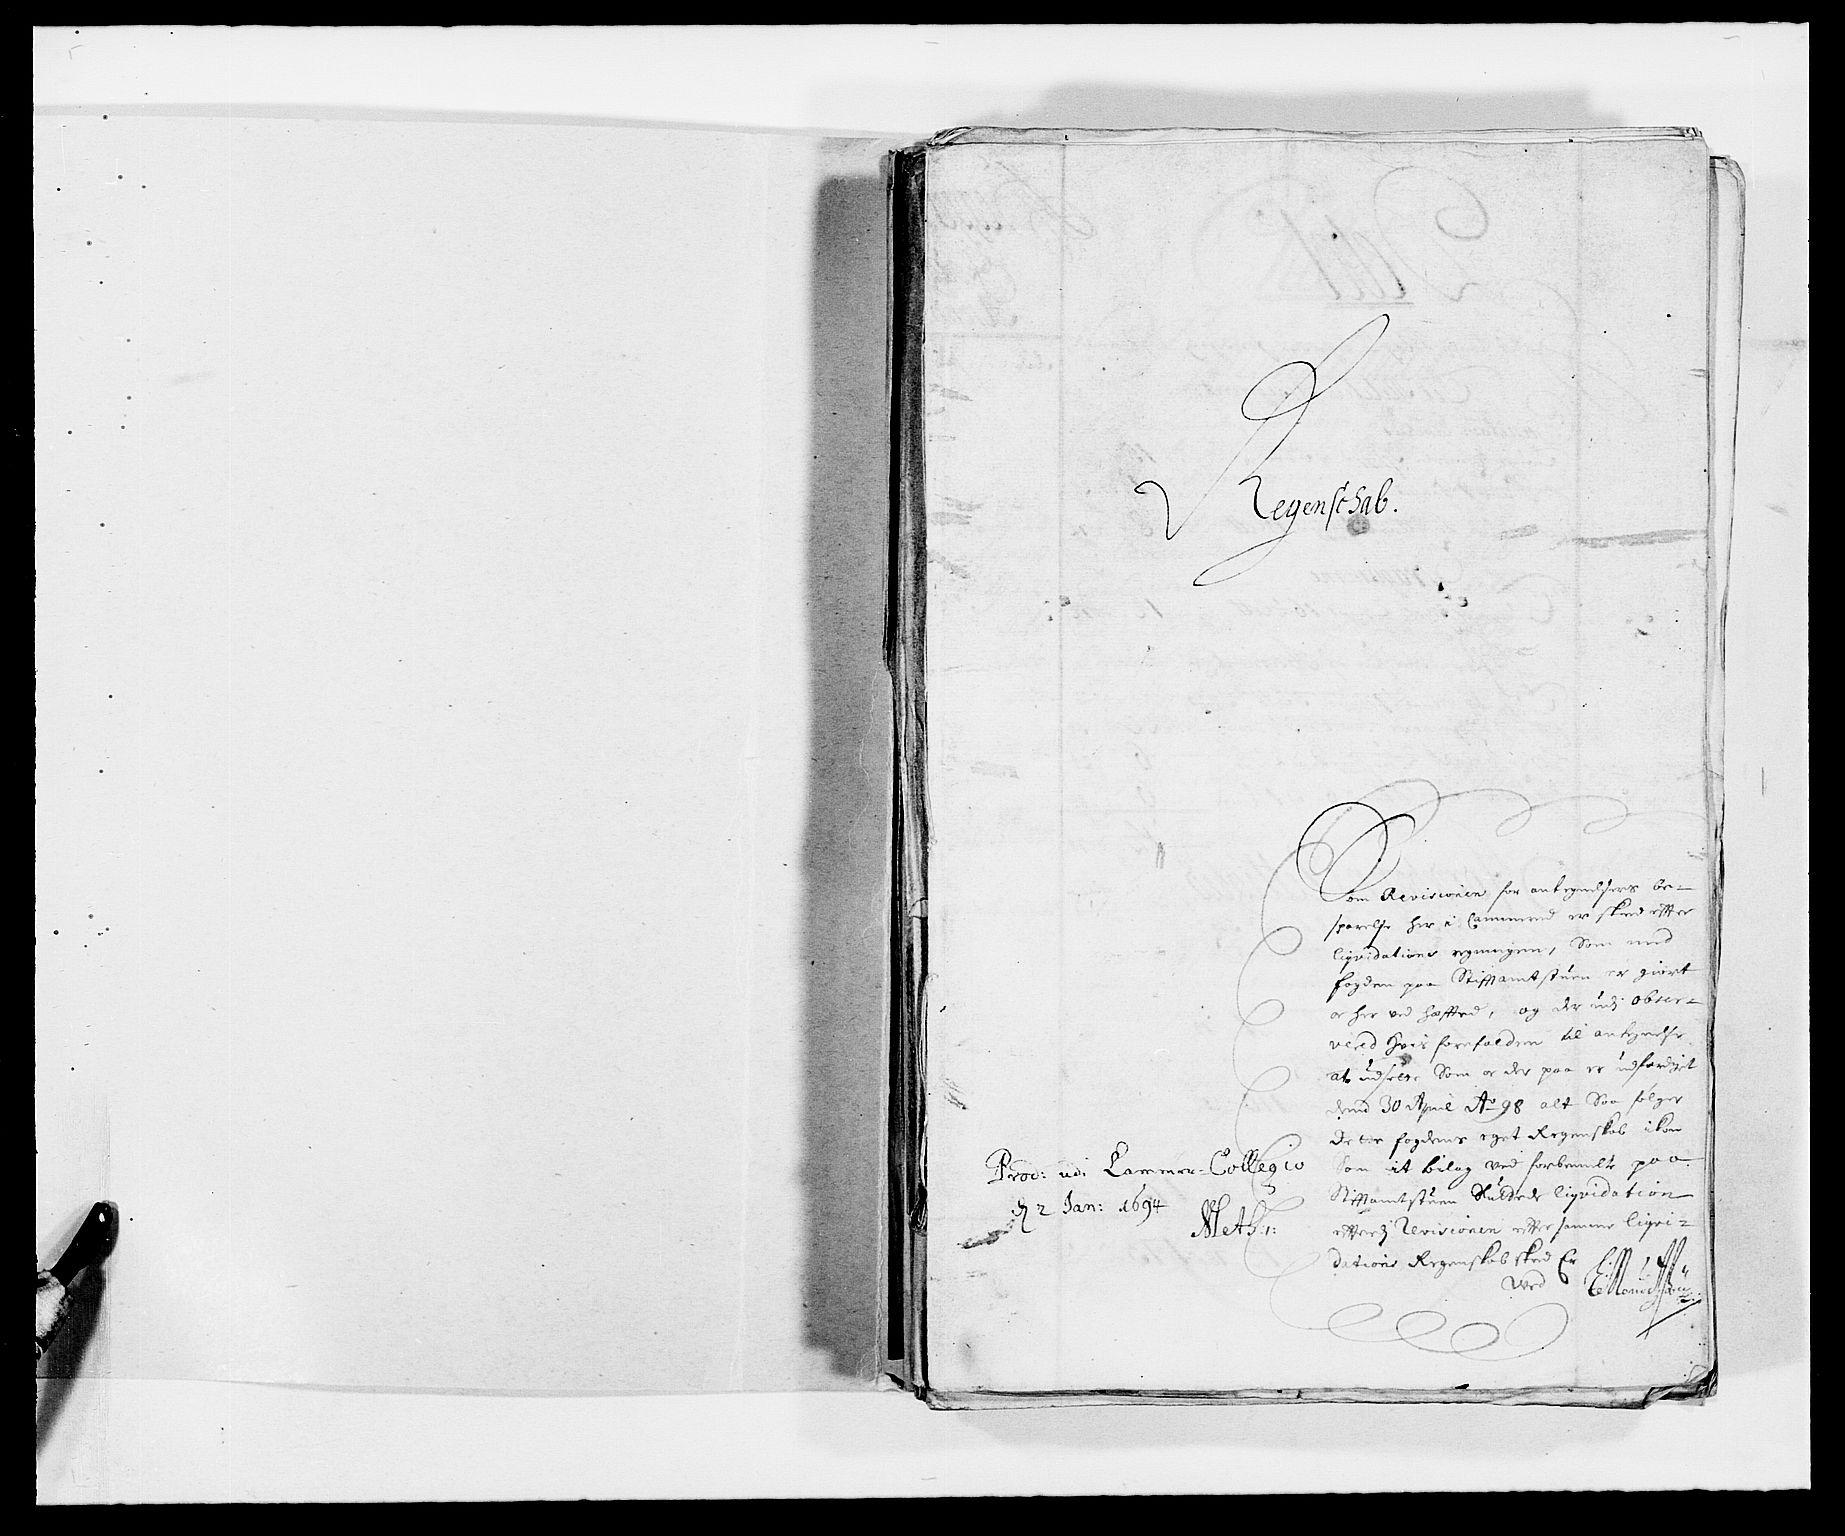 RA, Rentekammeret inntil 1814, Reviderte regnskaper, Fogderegnskap, R06/L0283: Fogderegnskap Heggen og Frøland, 1691-1693, s. 117